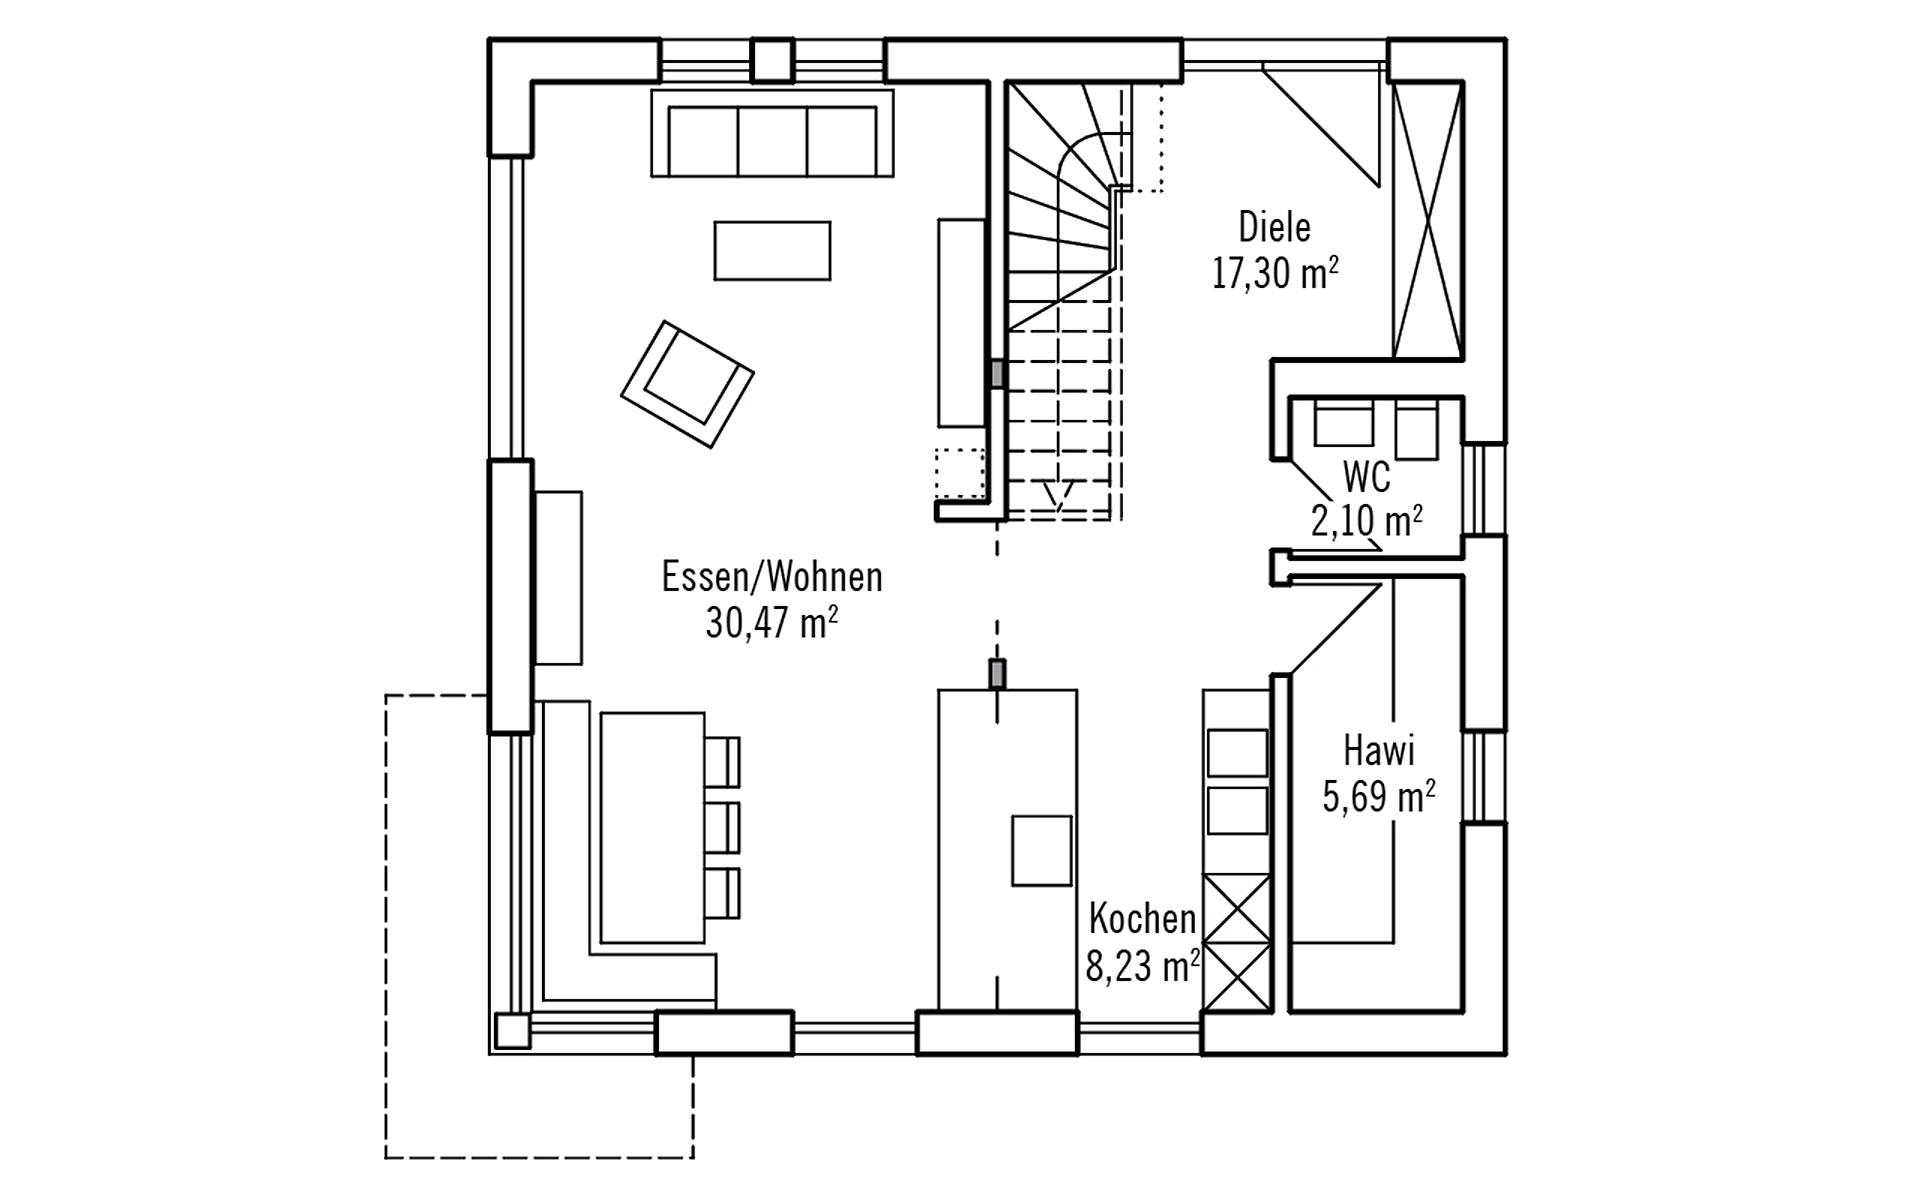 Erdgeschoss PlanMit: Klassisch & Fein von Bau-Fritz GmbH & Co. KG, seit 1896